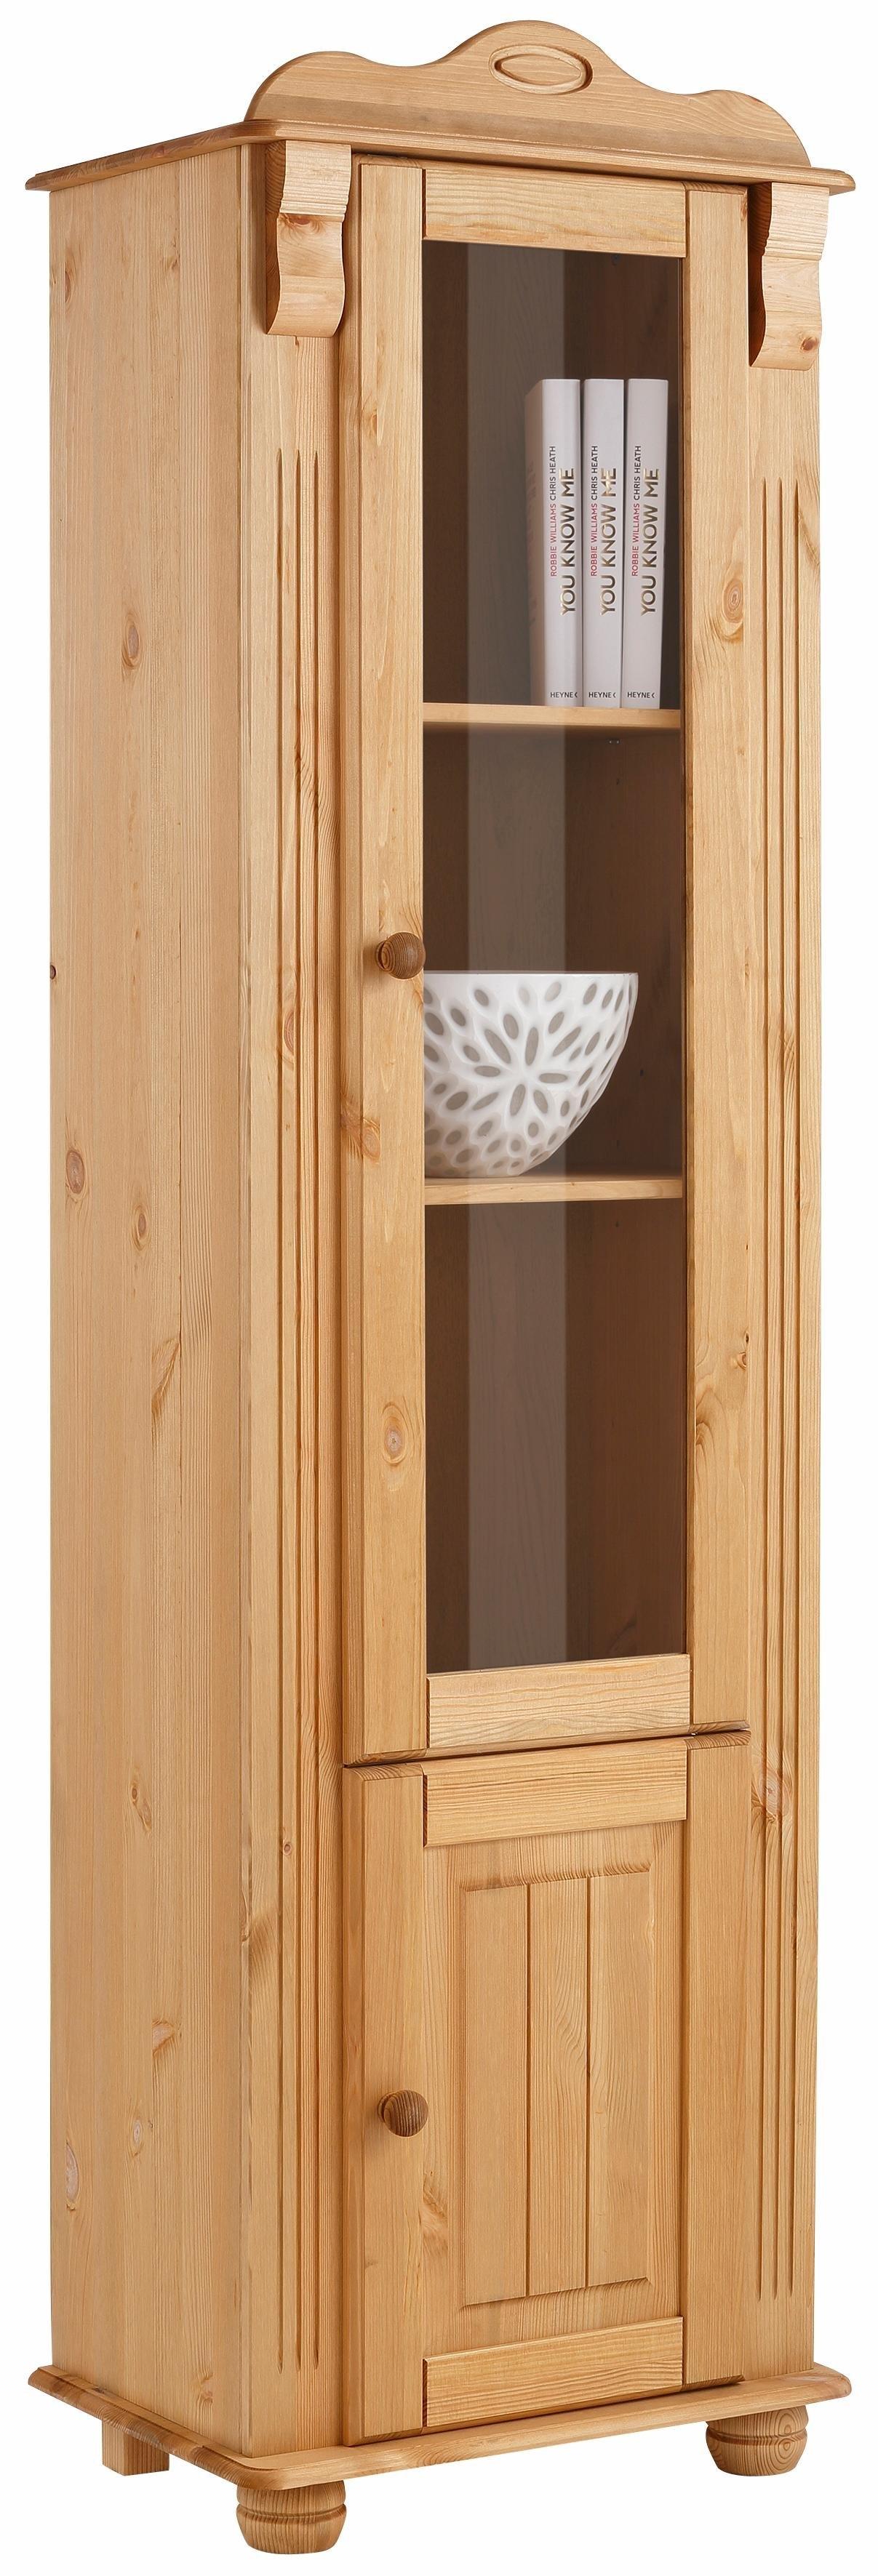 Op zoek naar een Home affaire vitrinekast »Adele«, 2-deurs, hoogte 185 cm? Koop online bij OTTO